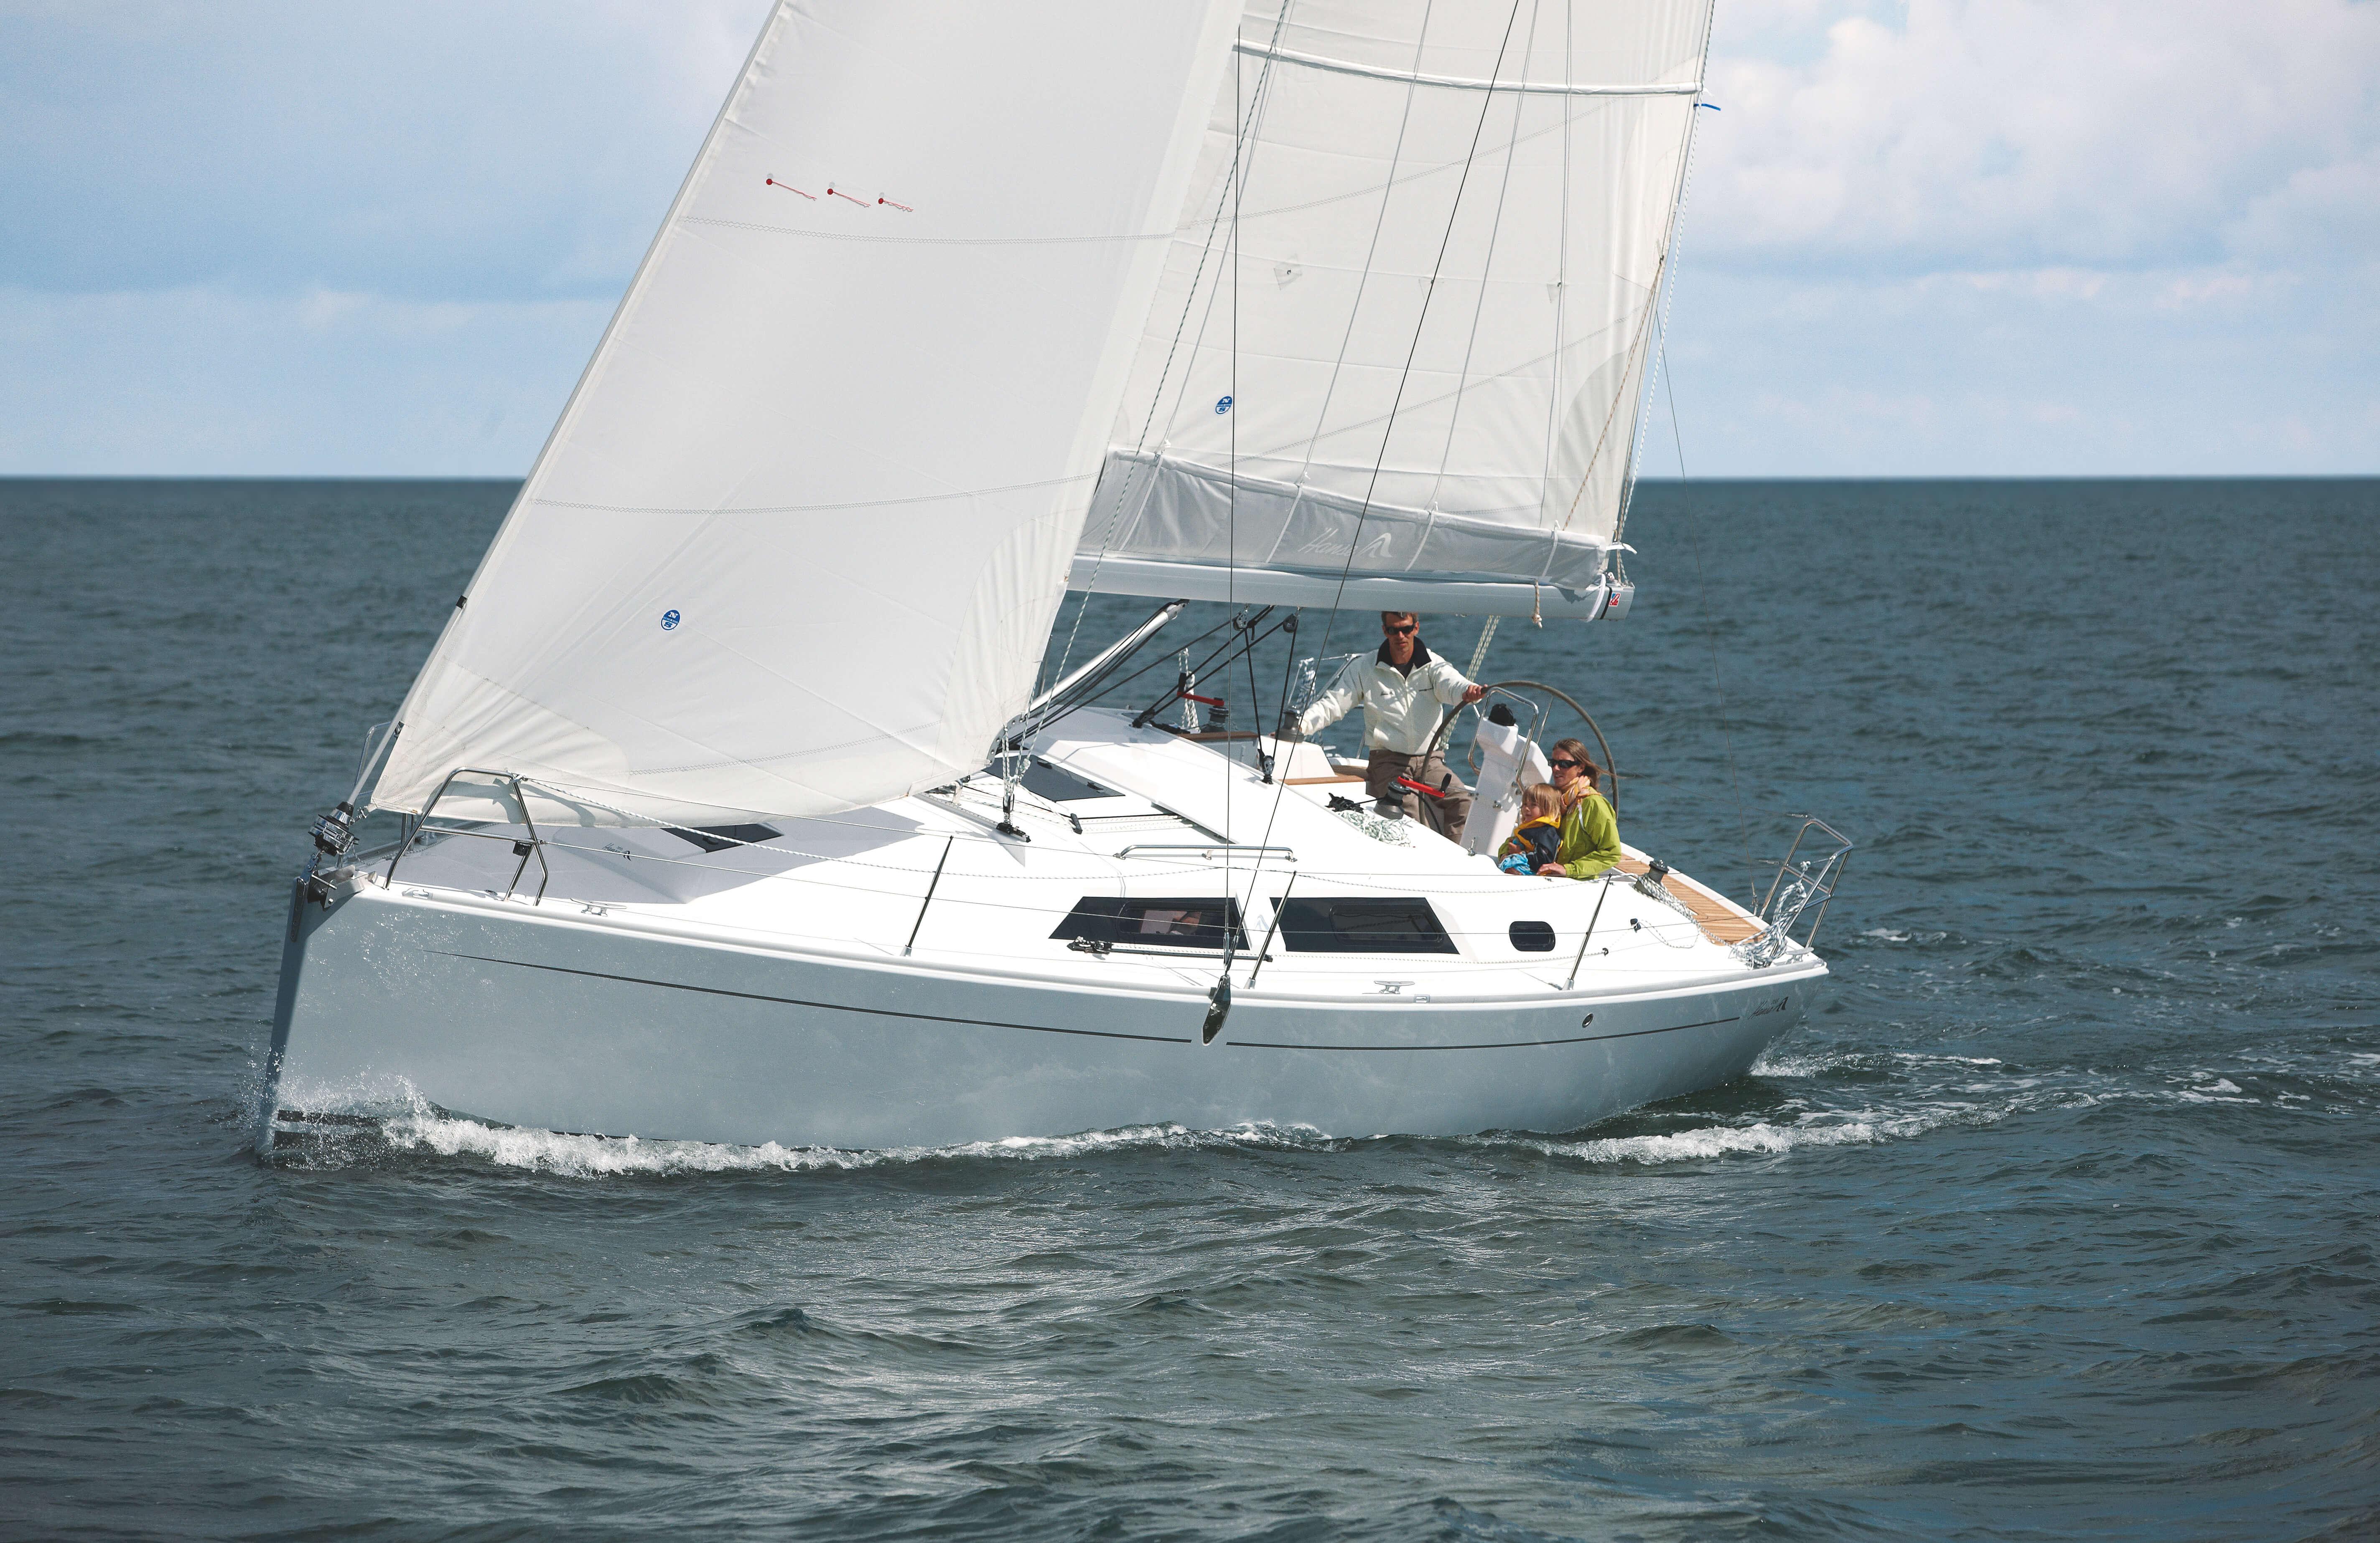 Hanse 355 Exterior Sailing | foresail, mainsail | Hanse